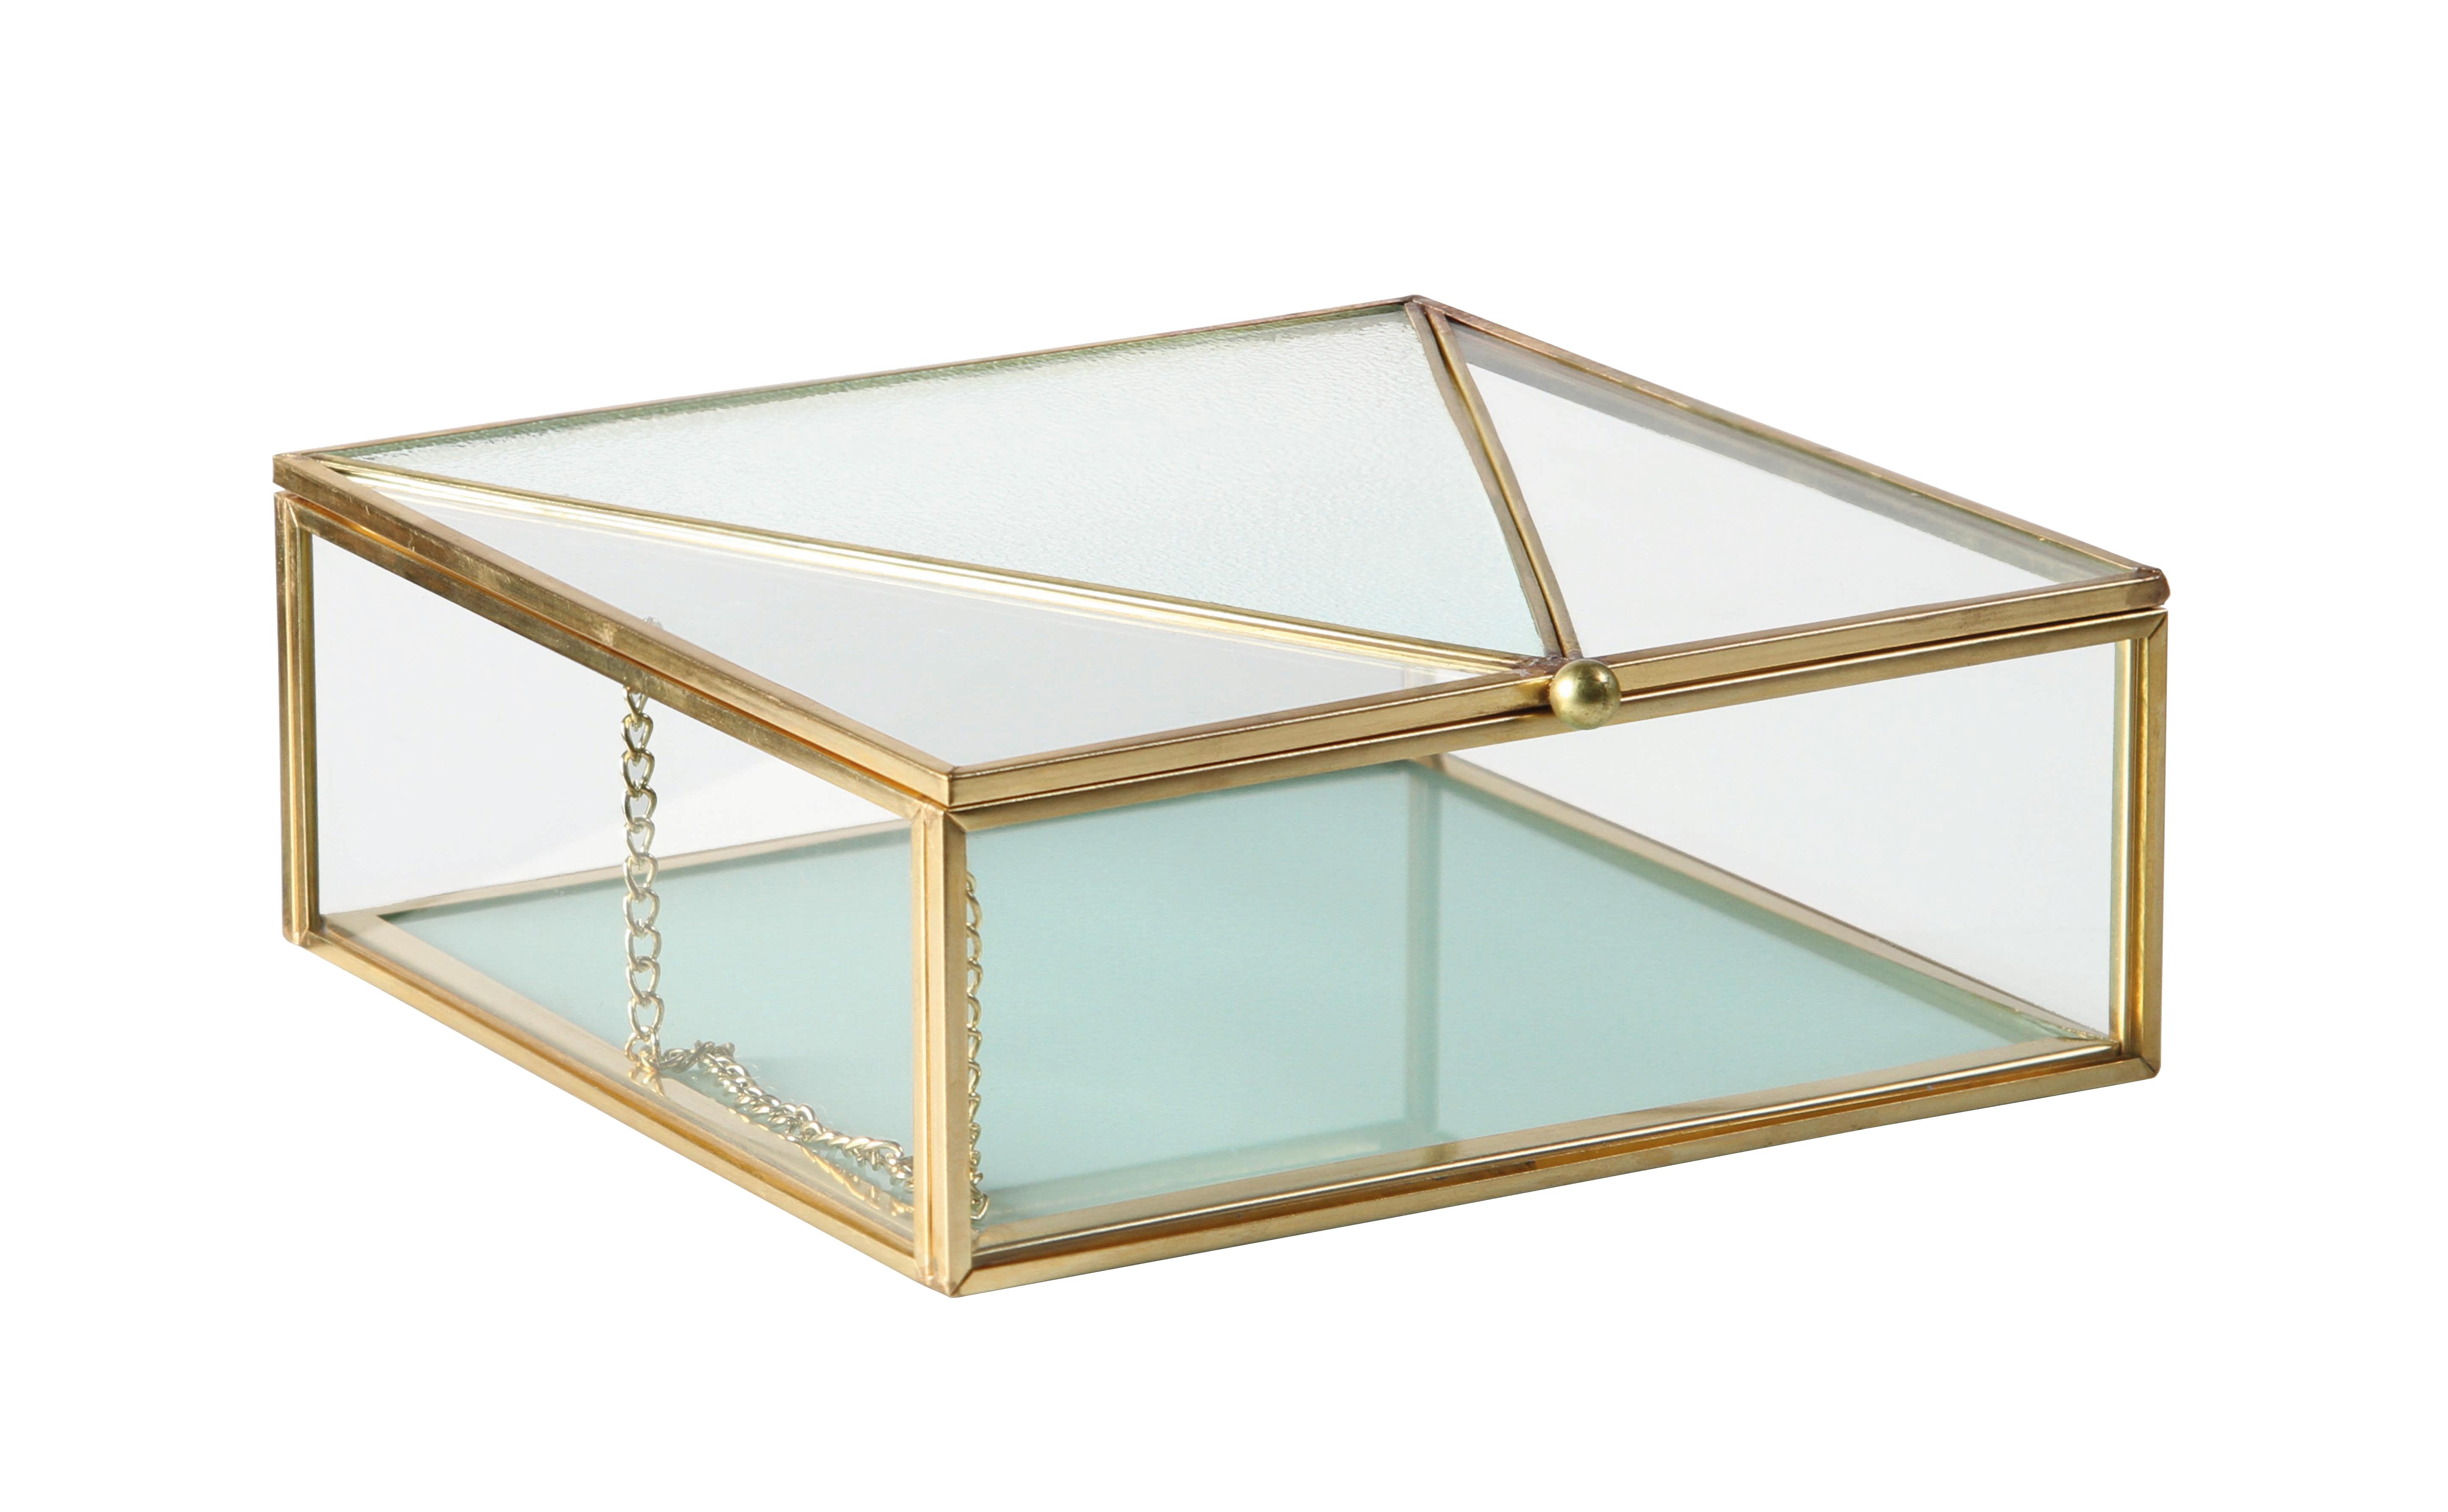 Interni - Scatole déco - Scatola - / 16 x 16 cm - Vetro & Metallo di & klevering - Bleu ciel - Metallo, Vetro